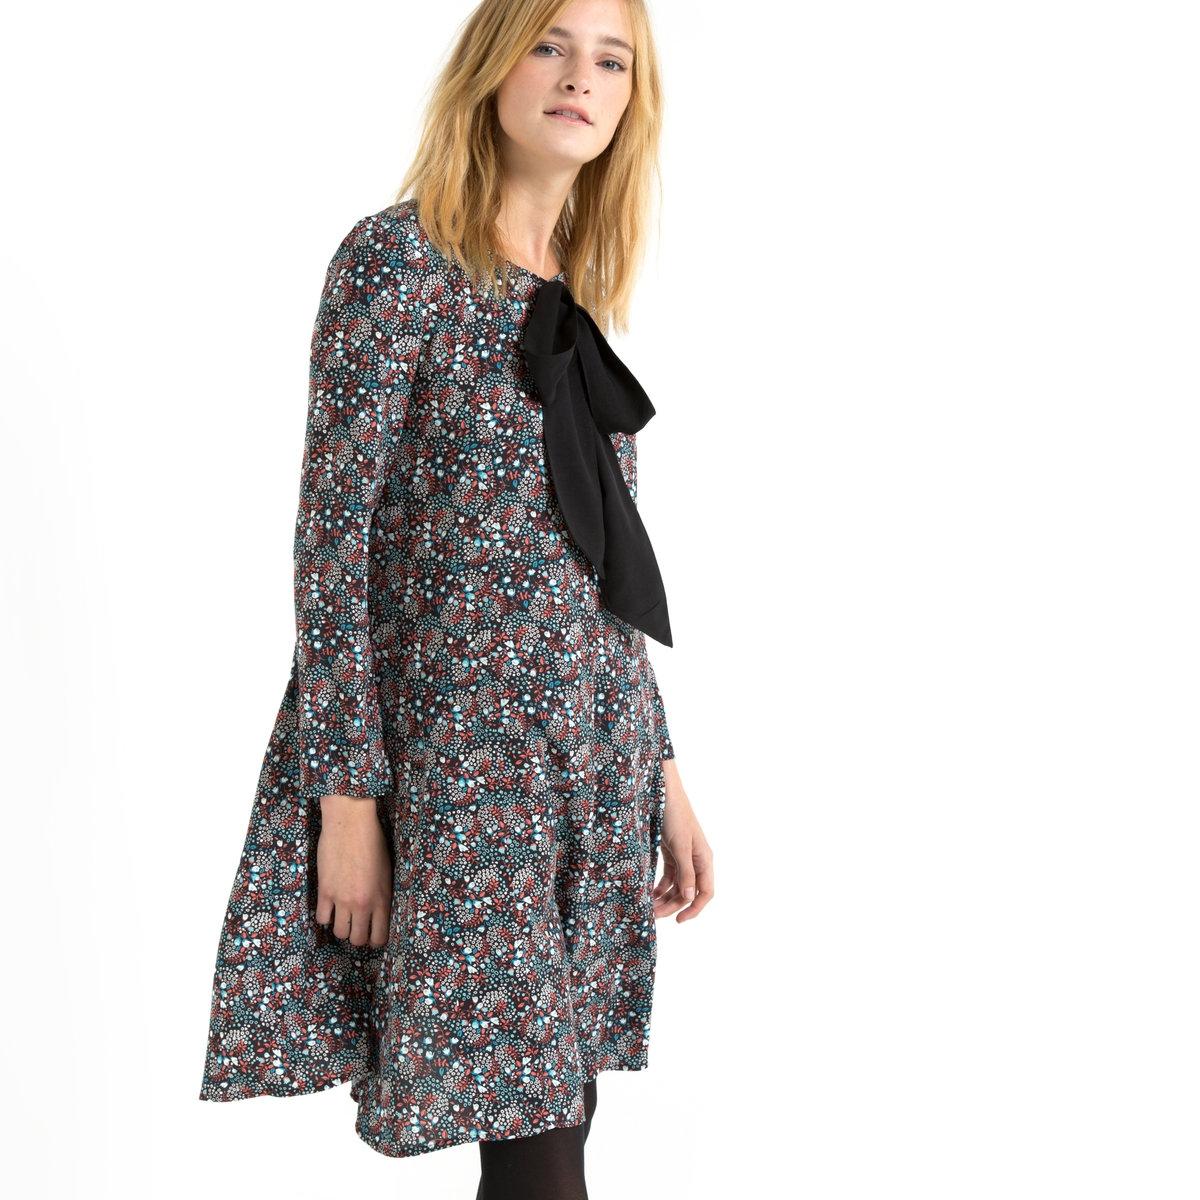 цены на Платье с бантом в интернет-магазинах